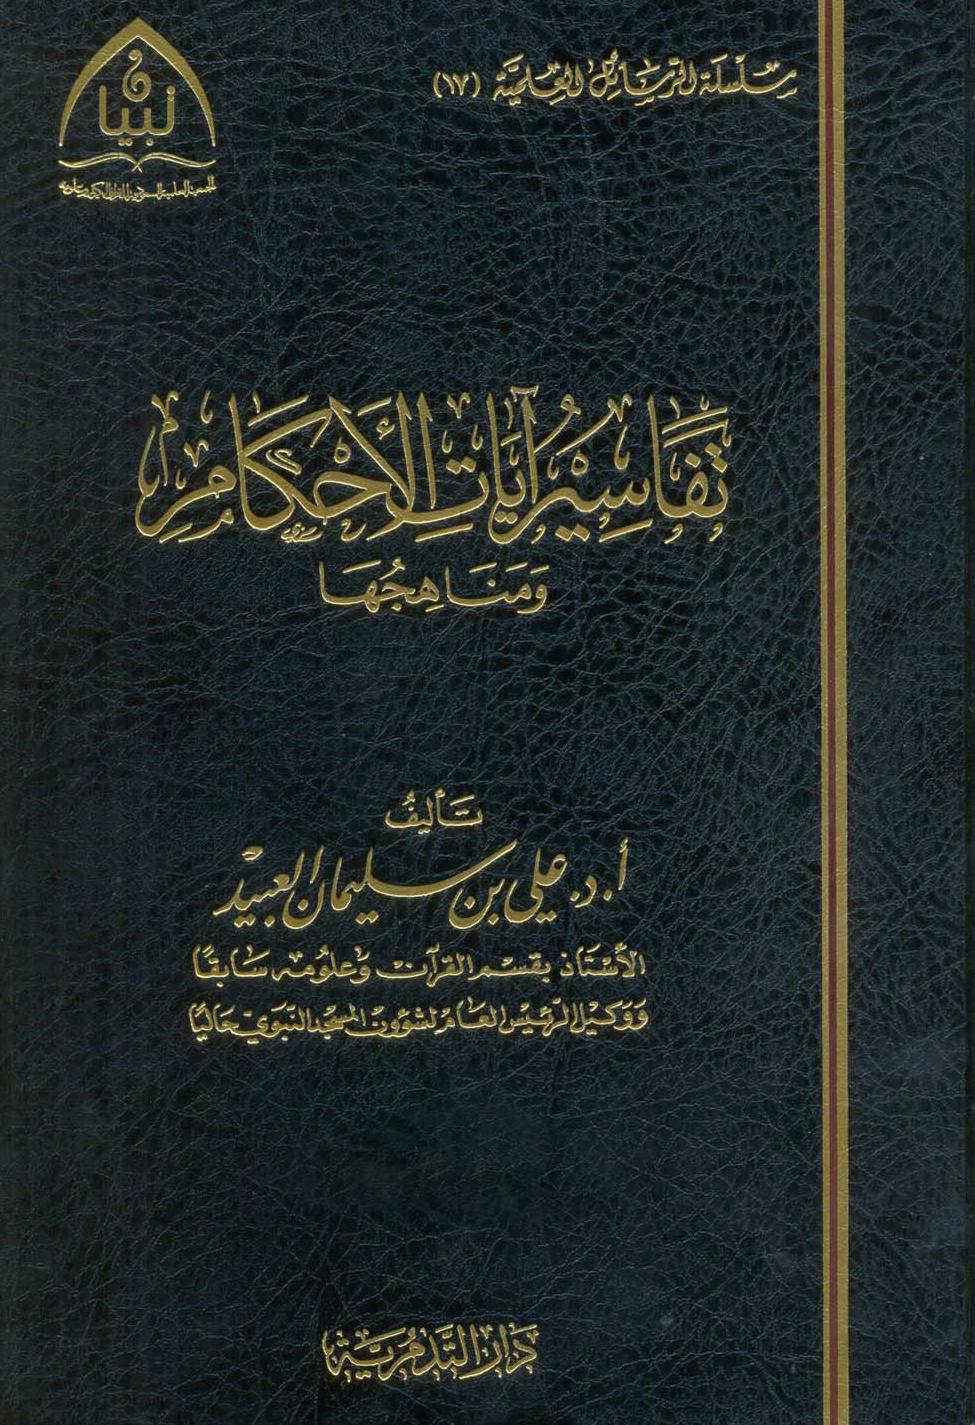 تفاسير آيات الأحكام ومناهجها - علي بن سليمان العبيد